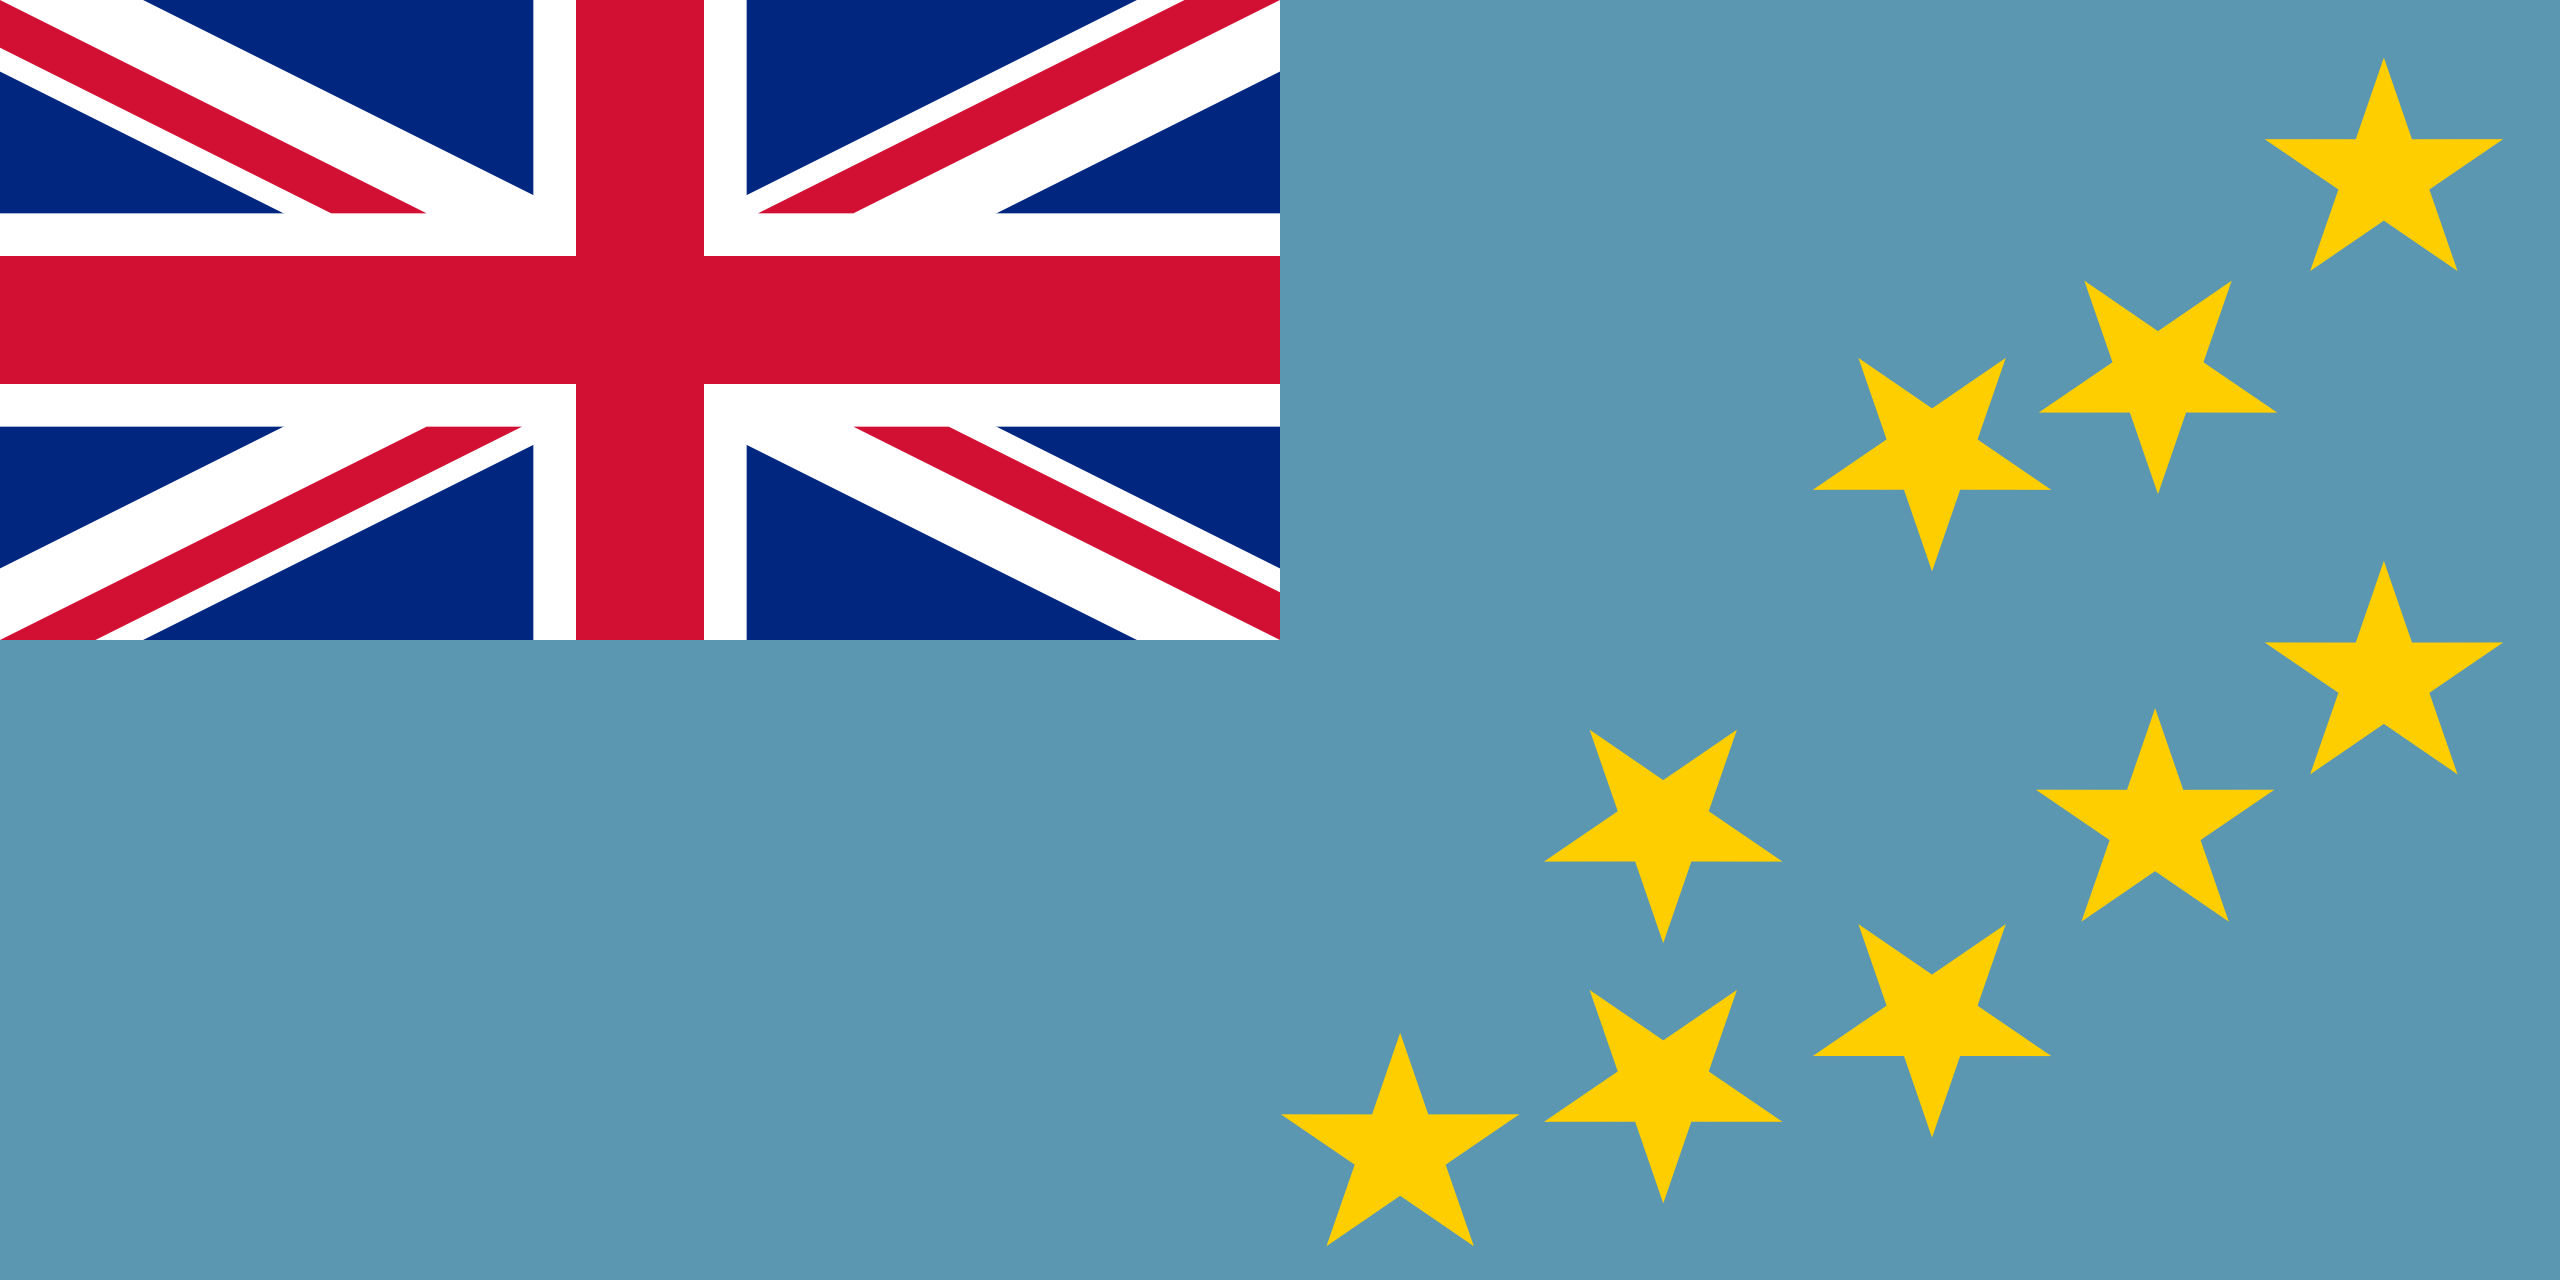 Tuvalu Banderas Del Mundo Banderas Del Mundo Con Nombres Banderas